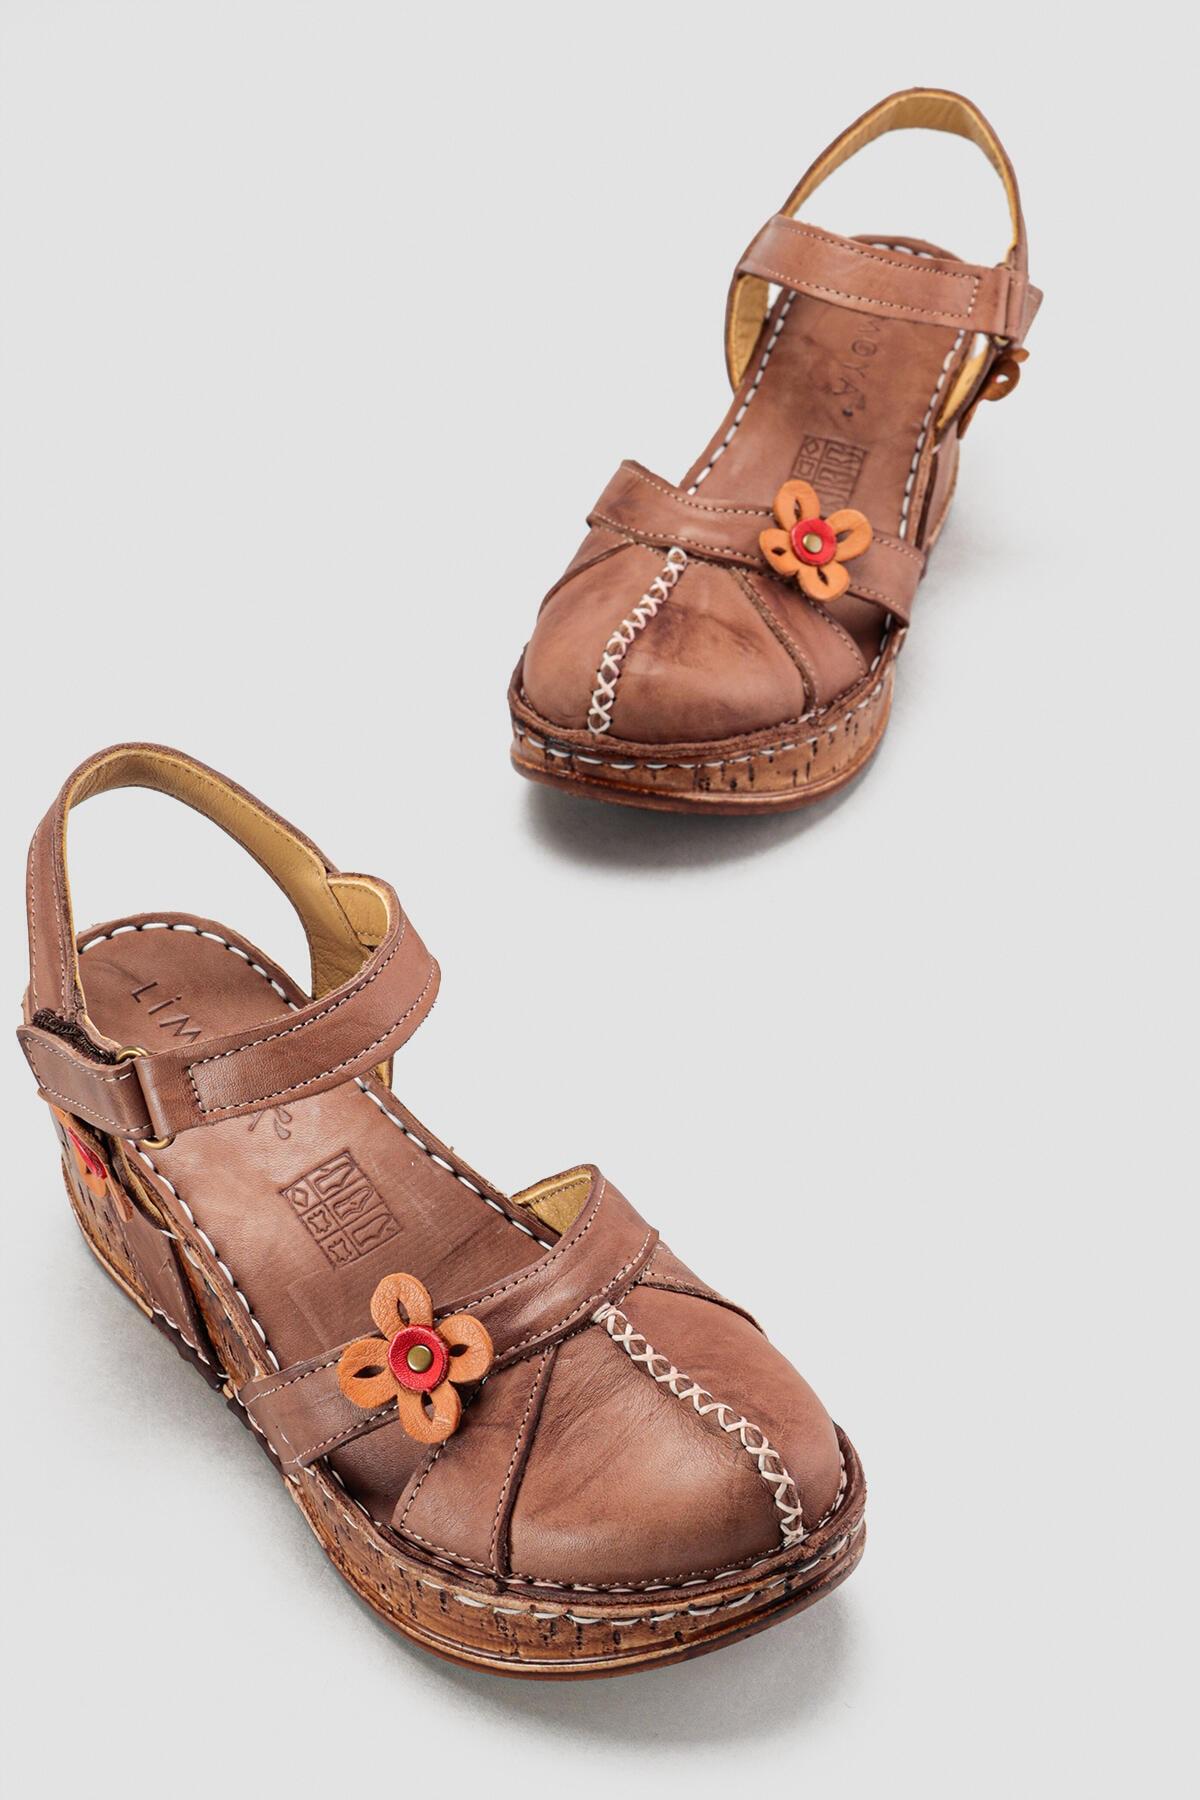 Hakiki Deri Katlyn Toprak Çiçek Detaylı Burnu Kapalı Dolgu Topuklu Sandalet